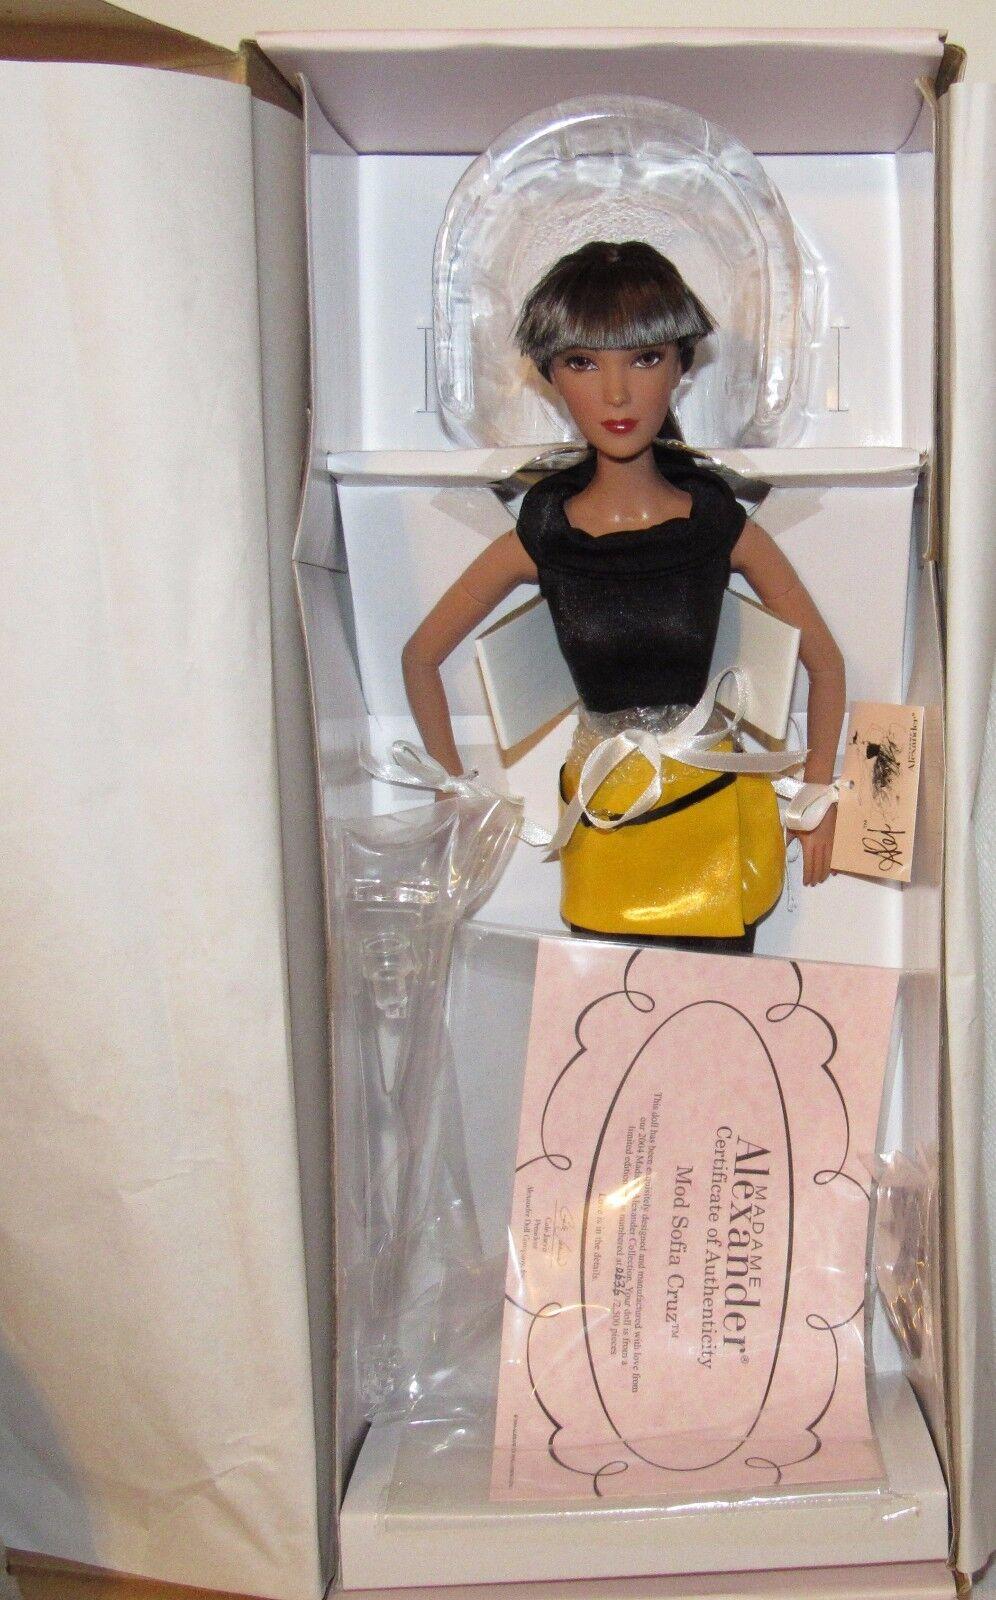 Mod Sofia Cruz 16  Muñeca Madame Alexander ALEX edición limitada de 2500 en caja como nuevo certificado de autenticidad